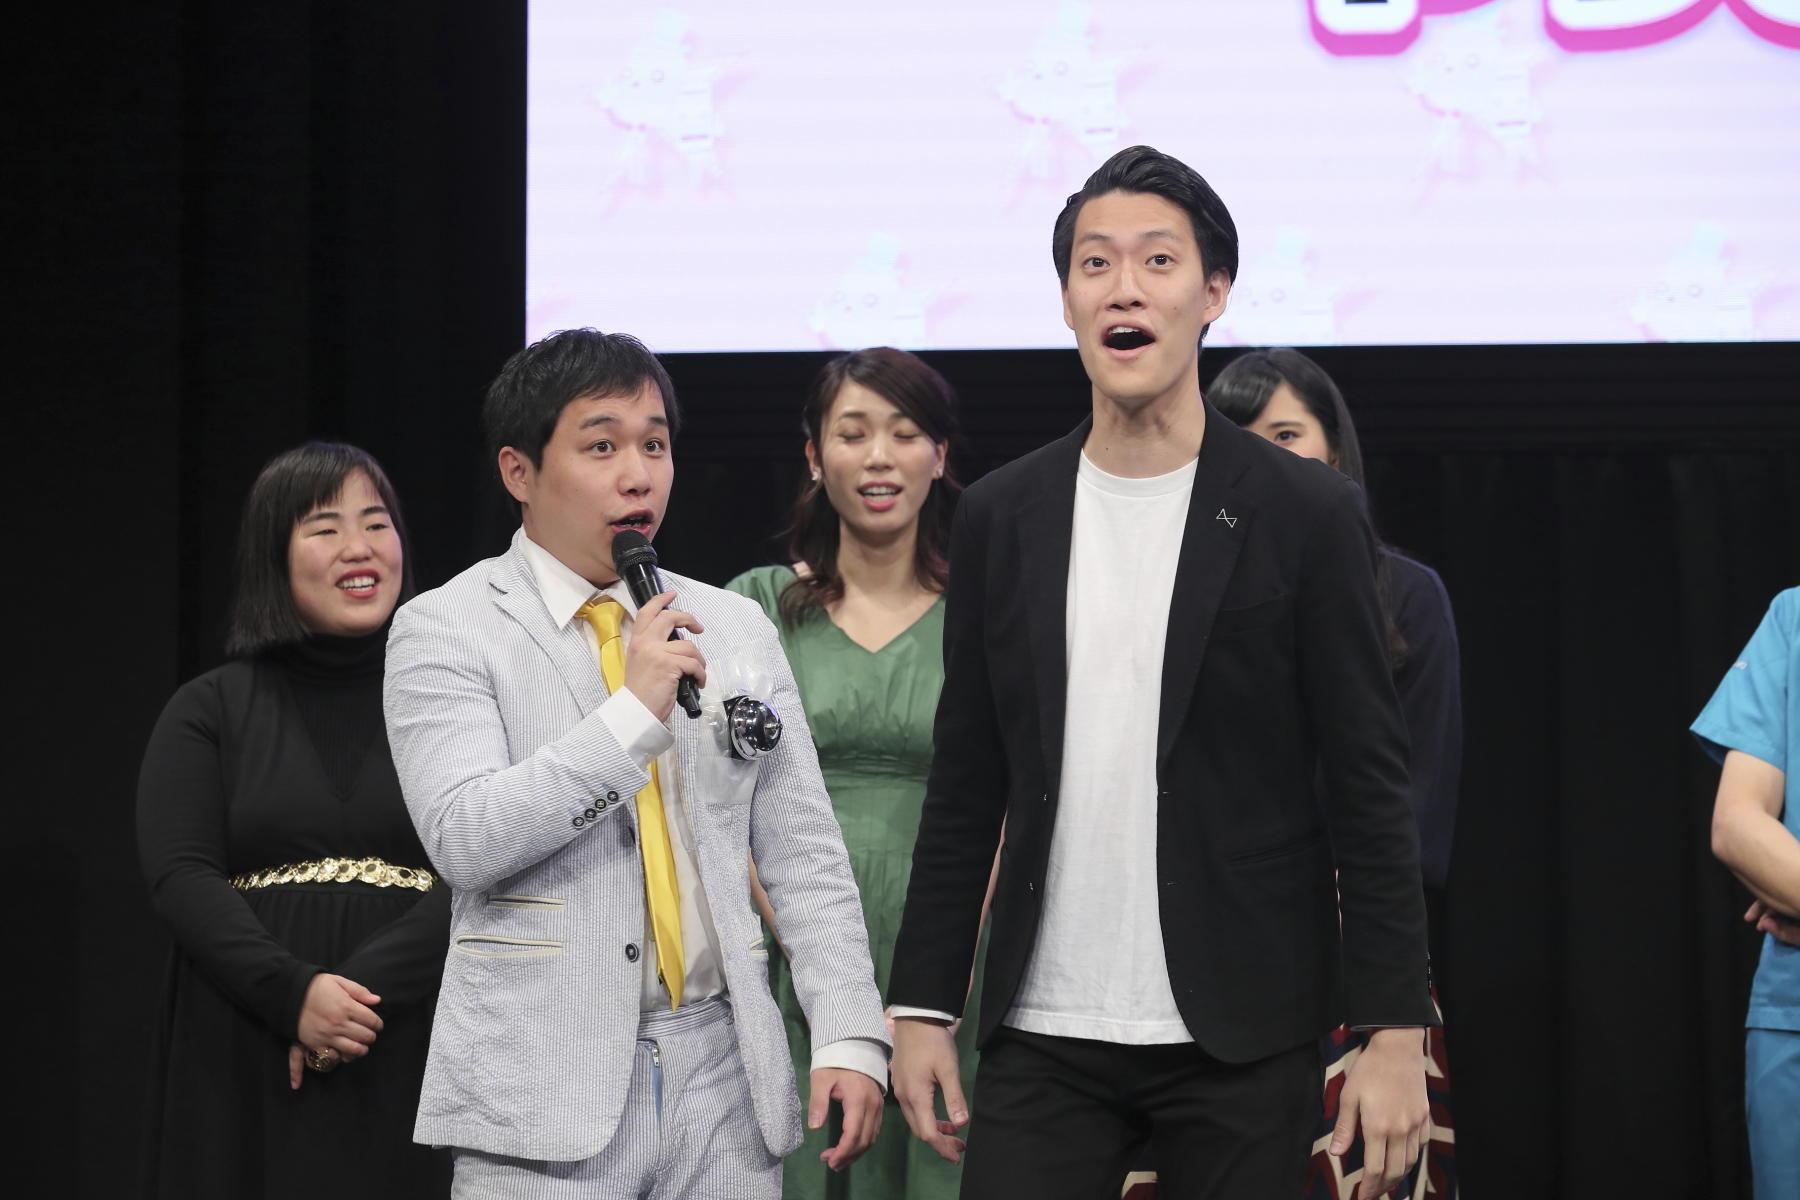 http://news.yoshimoto.co.jp/20181130142921-ffa50dcd282bc37ca8f9908985464fc62980b4bf.jpg